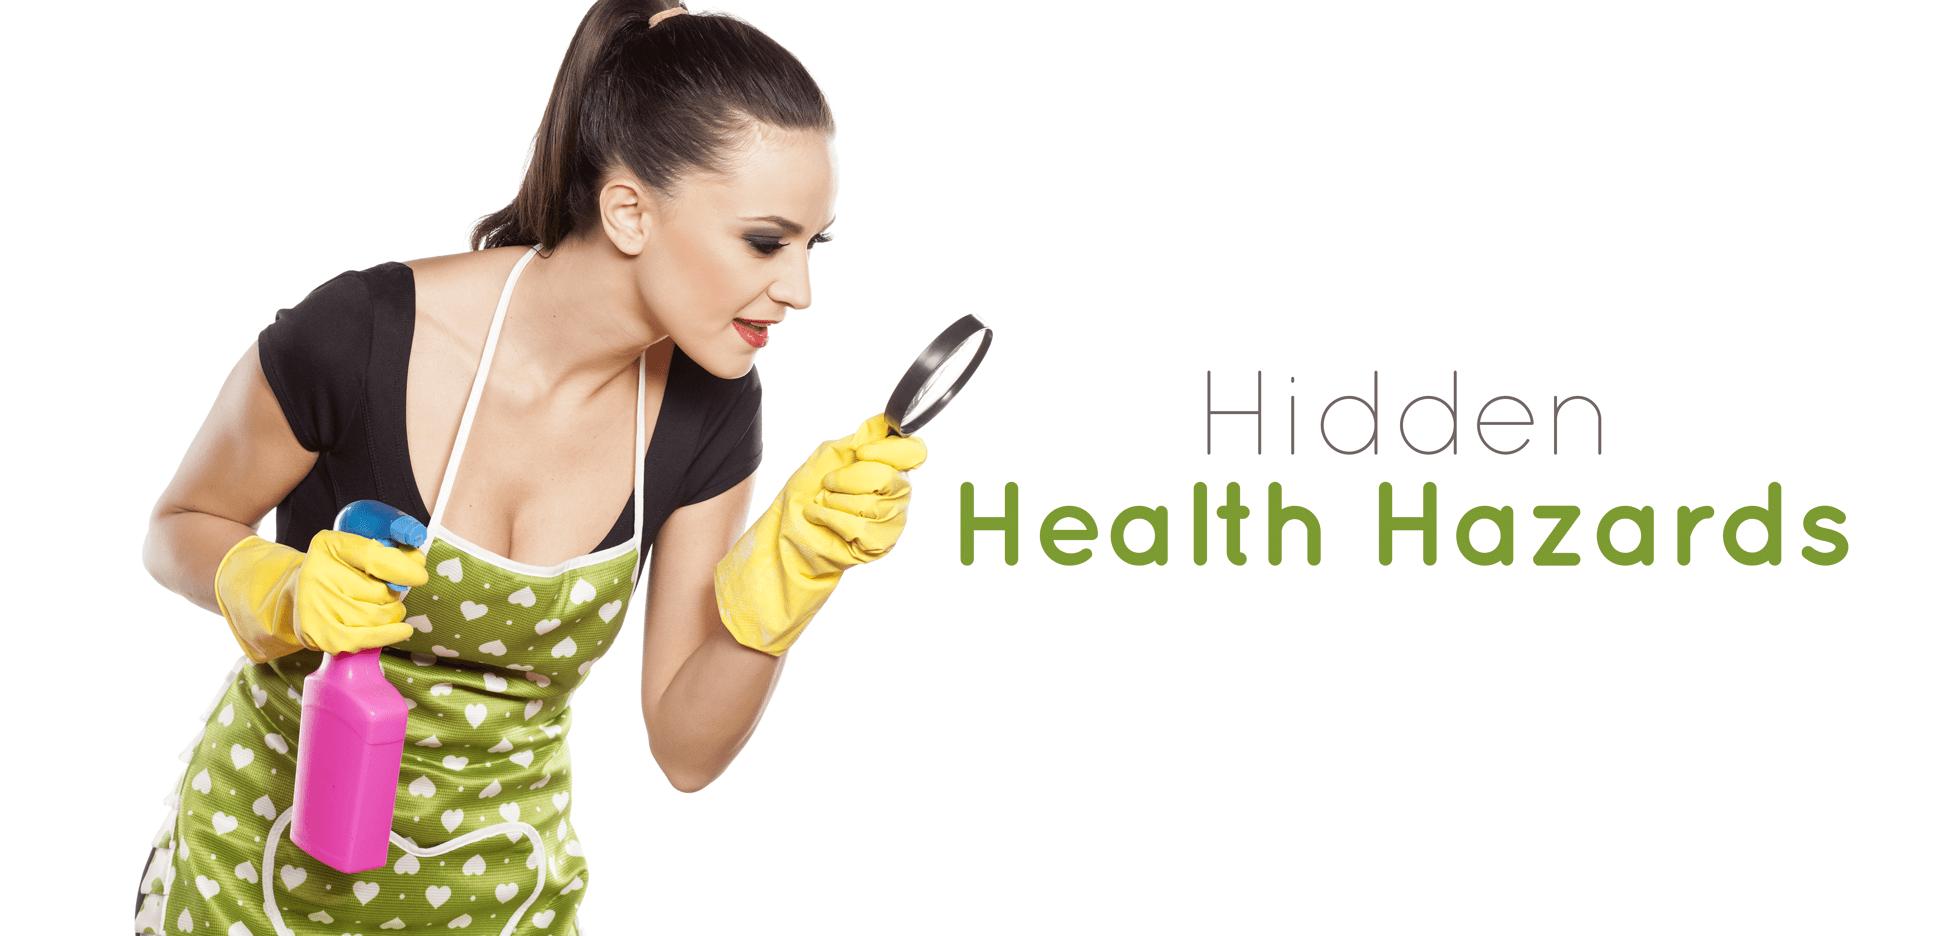 Hidden Health Hazards